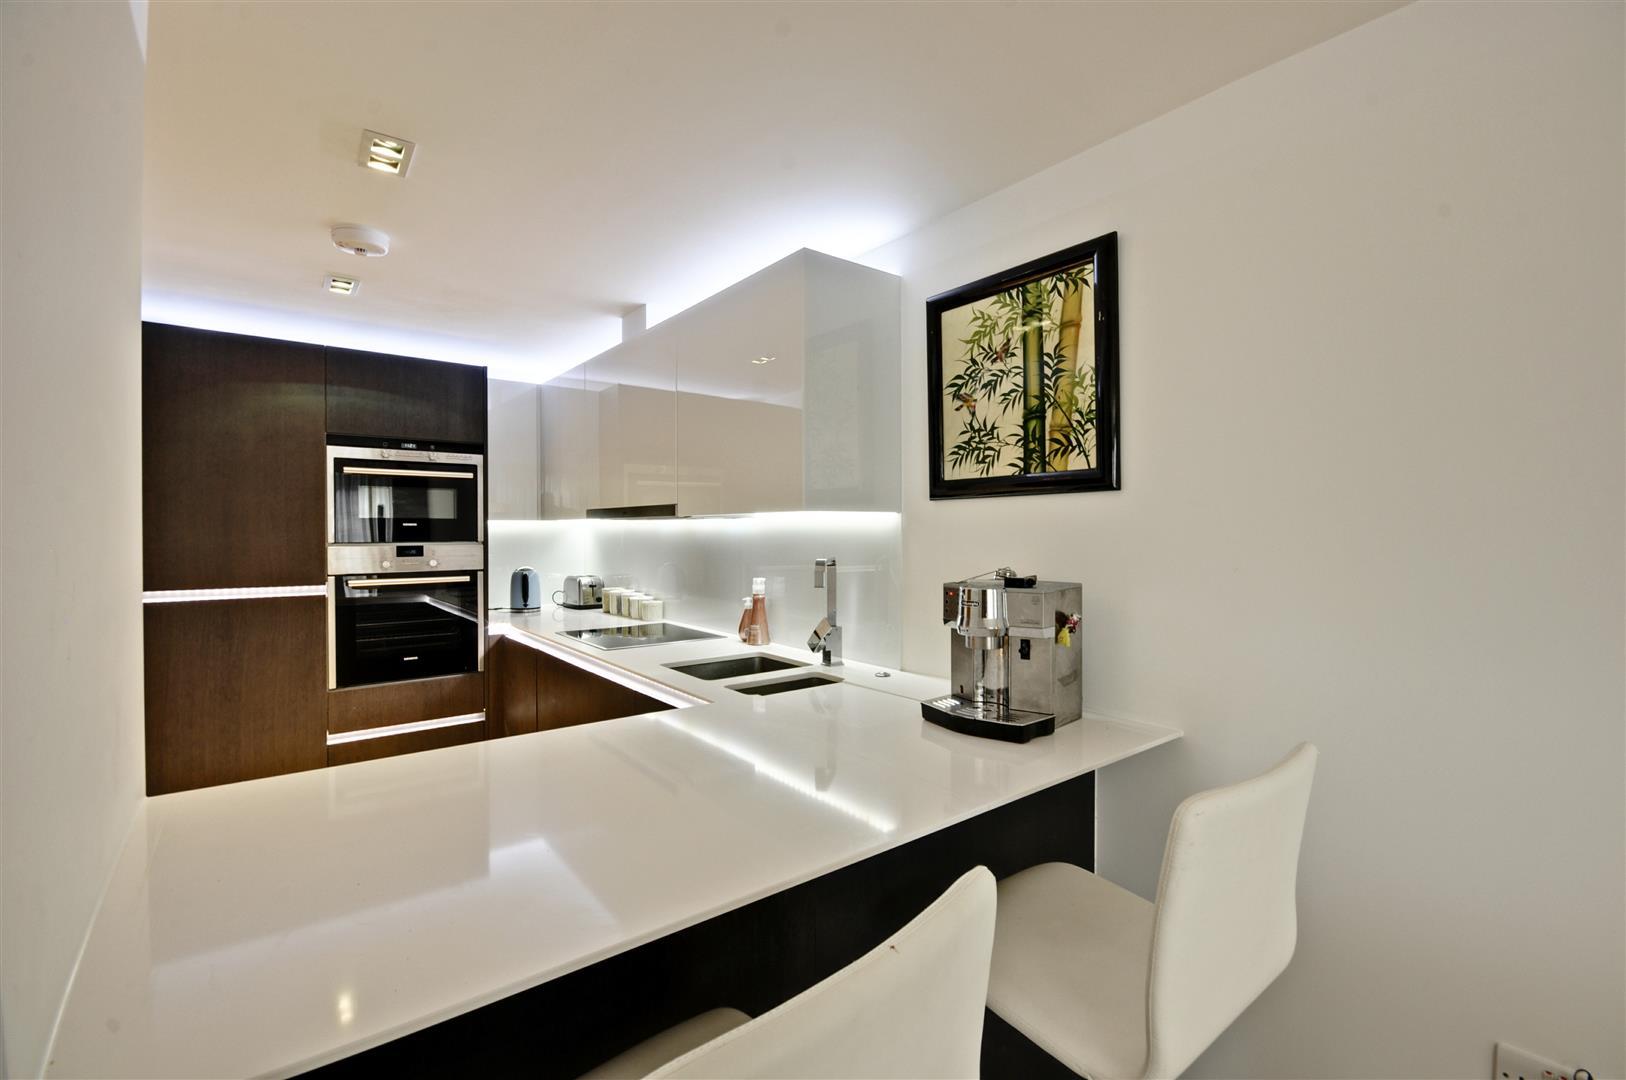 two bedroom luxury flat in waterside development in london